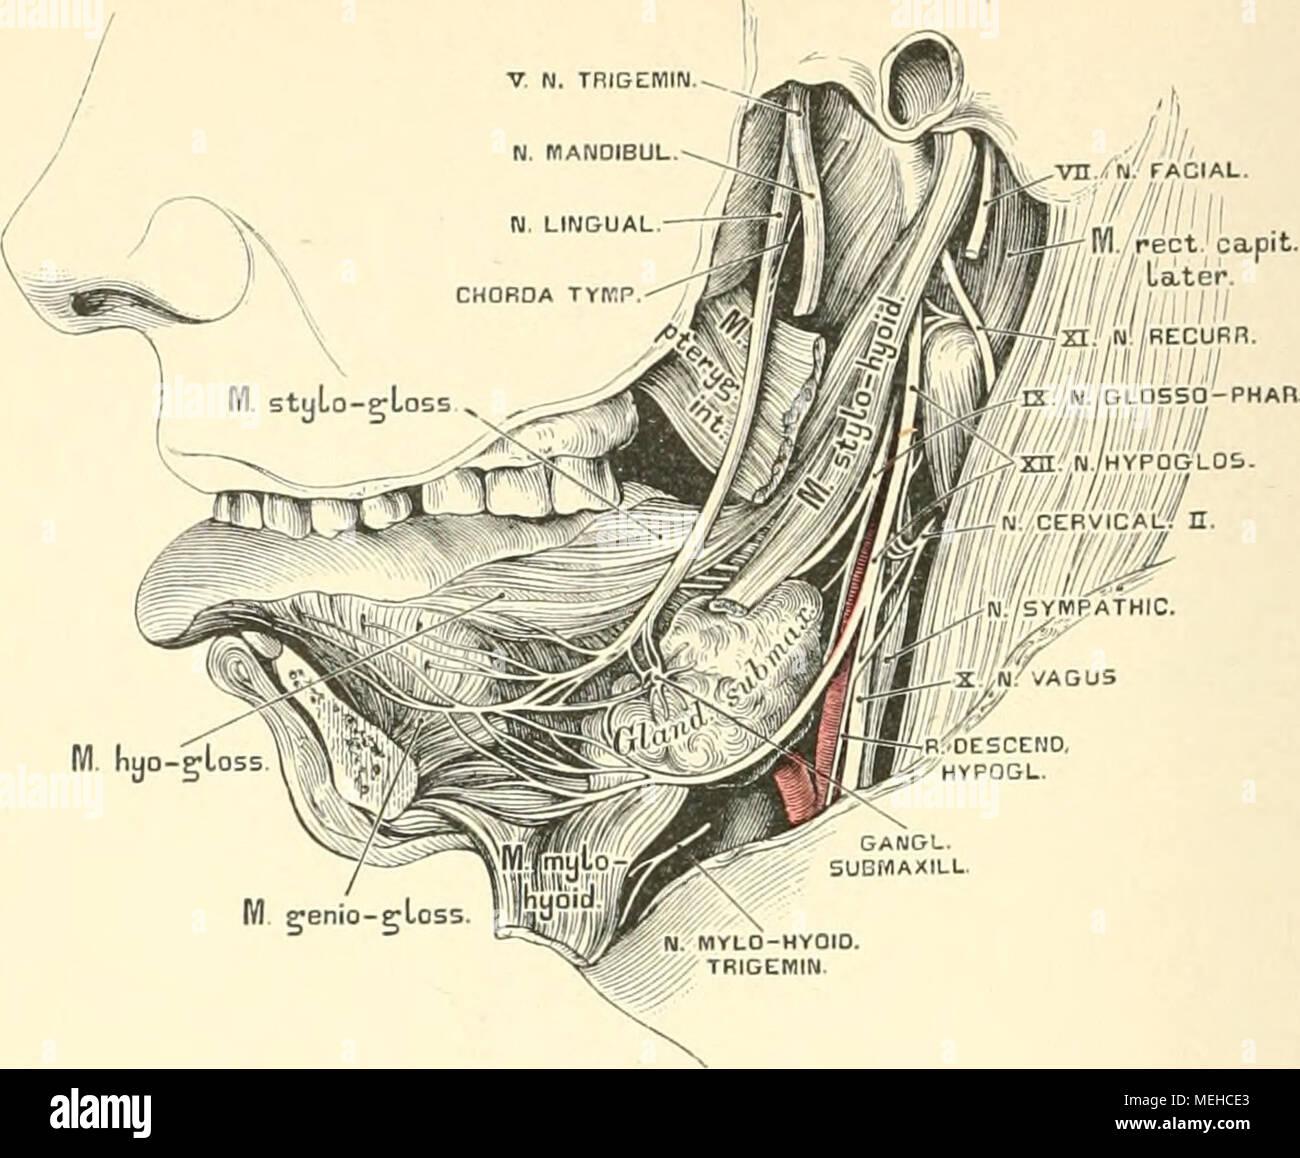 Mundhöhle Stockfotos & Mundhöhle Bilder - Alamy